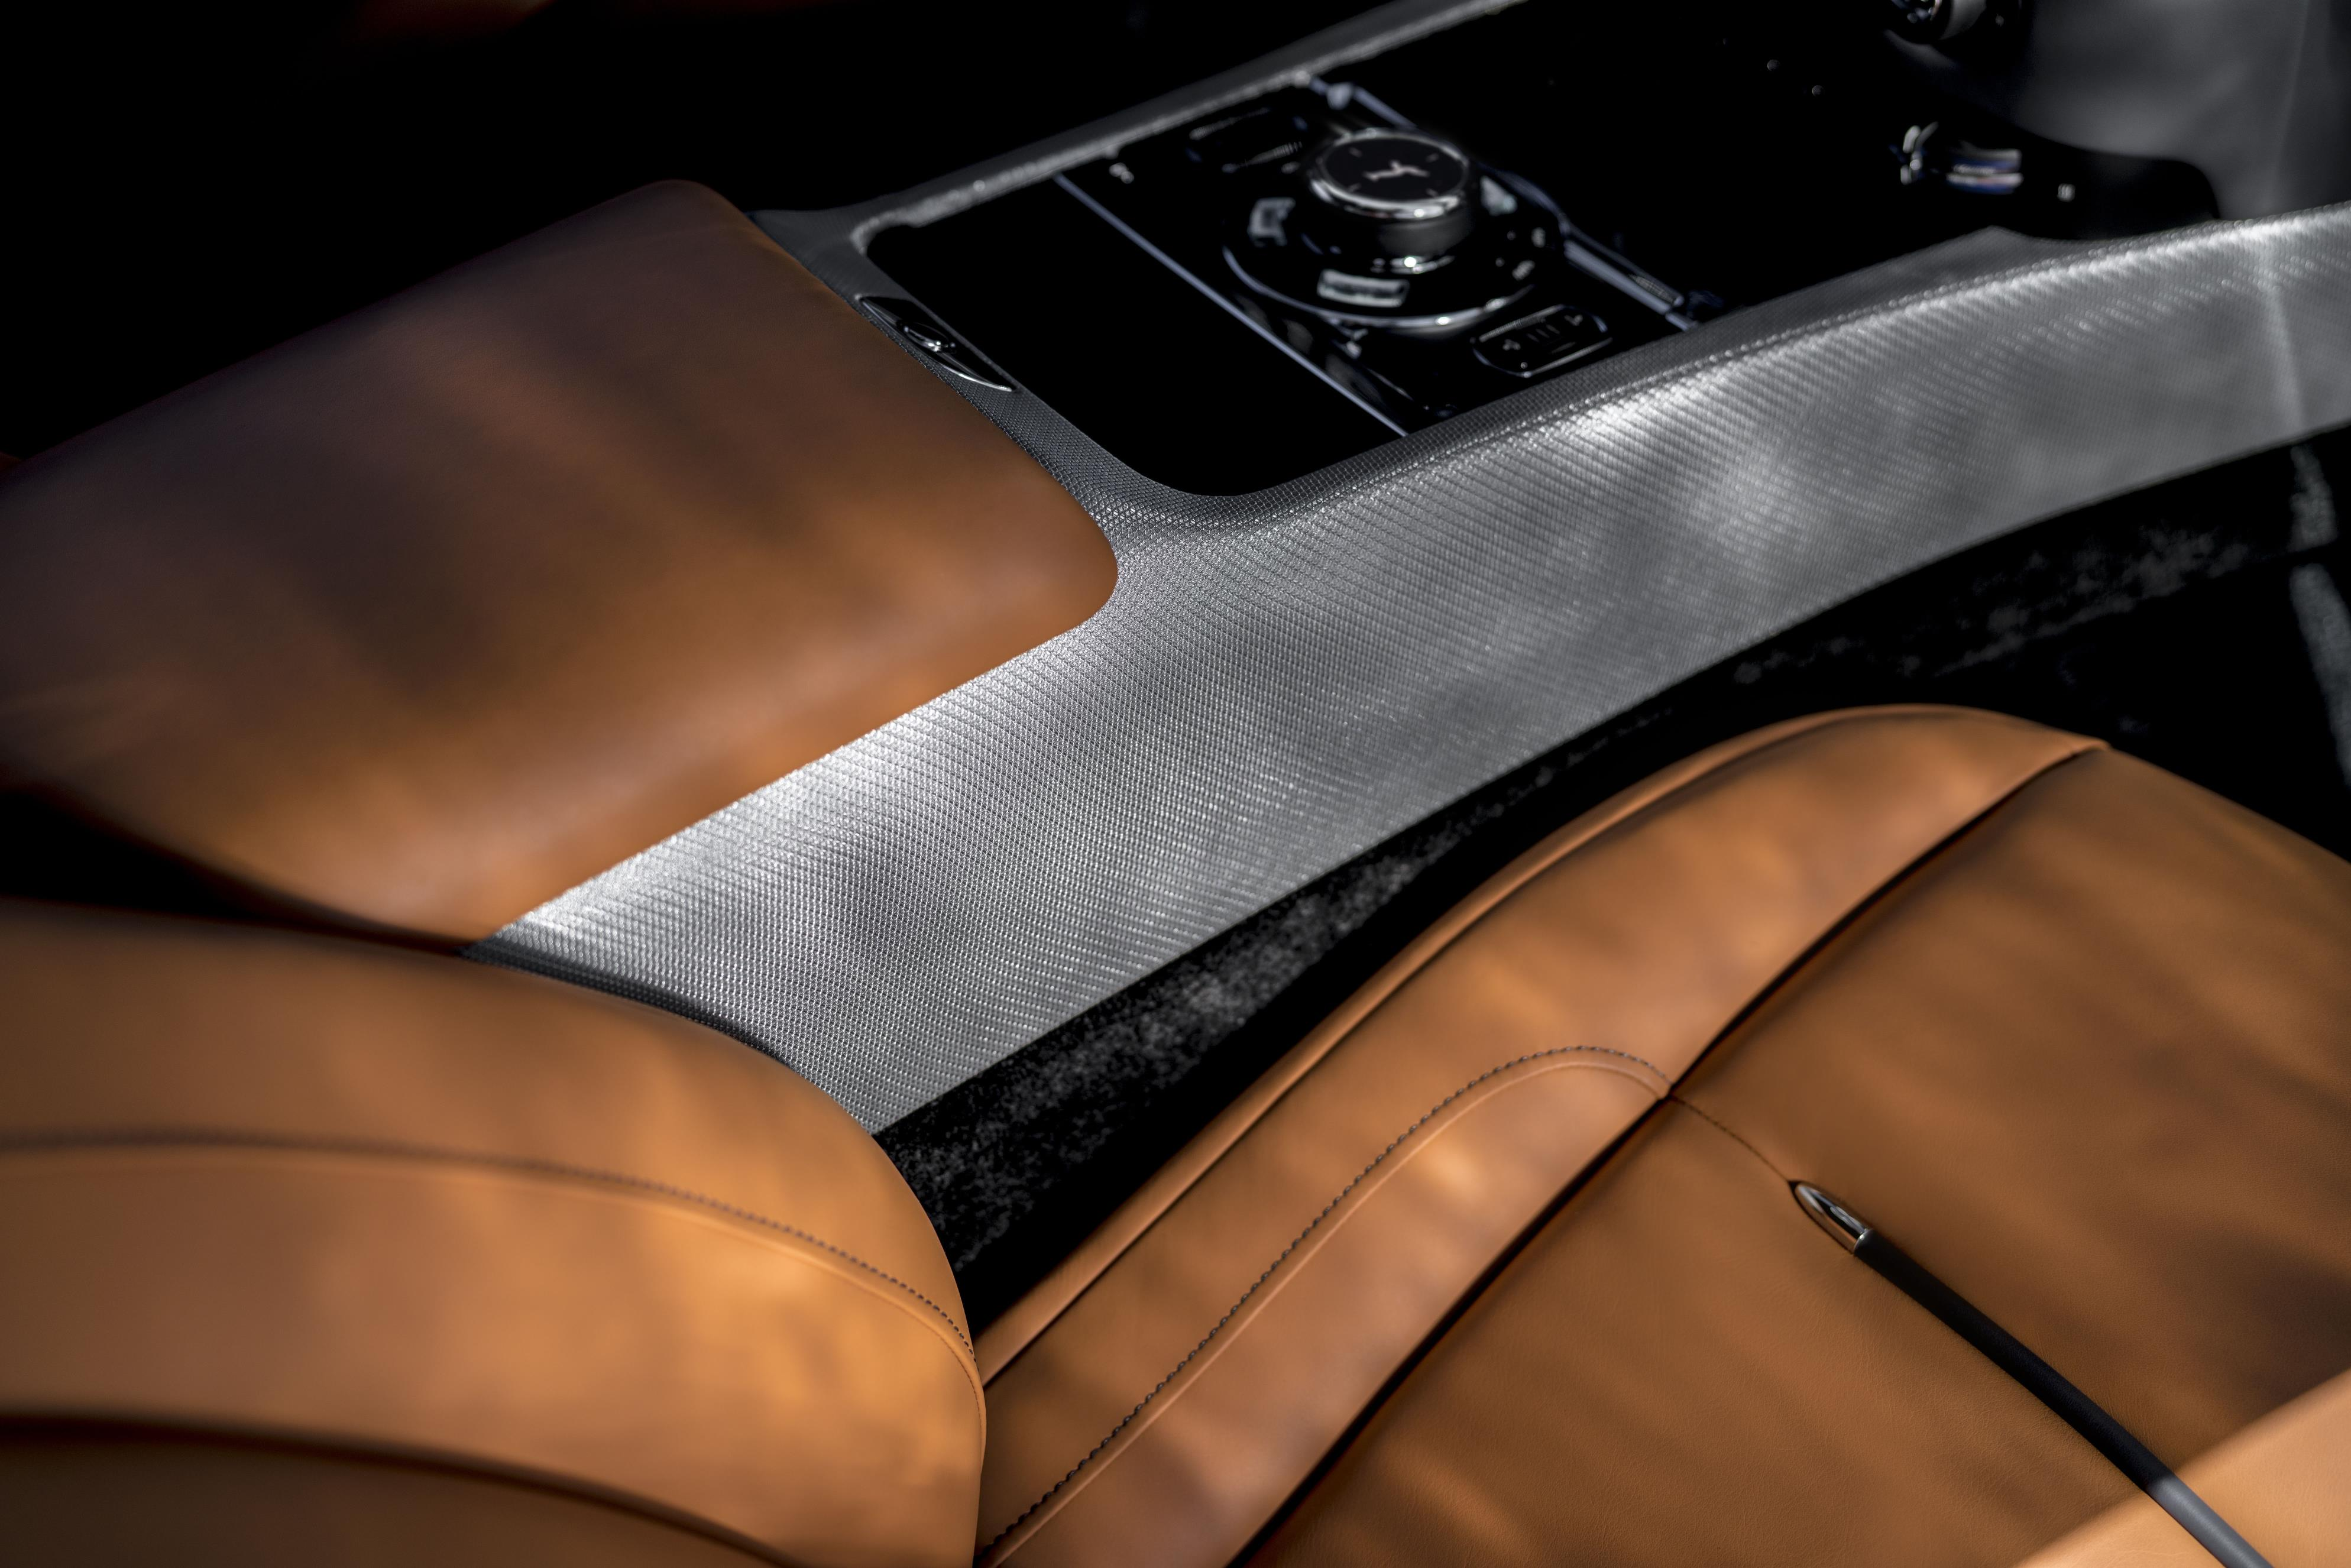 Только 55 экземпляров этих автомобилей будут выпущены для клиентов британского бренда. Коллекция Luminary дебютирует с набором эксклюзивных функций, включая деревянную отделку с подсветкой, новый потолок, а также новый вариант окраски - Sunburst Grey